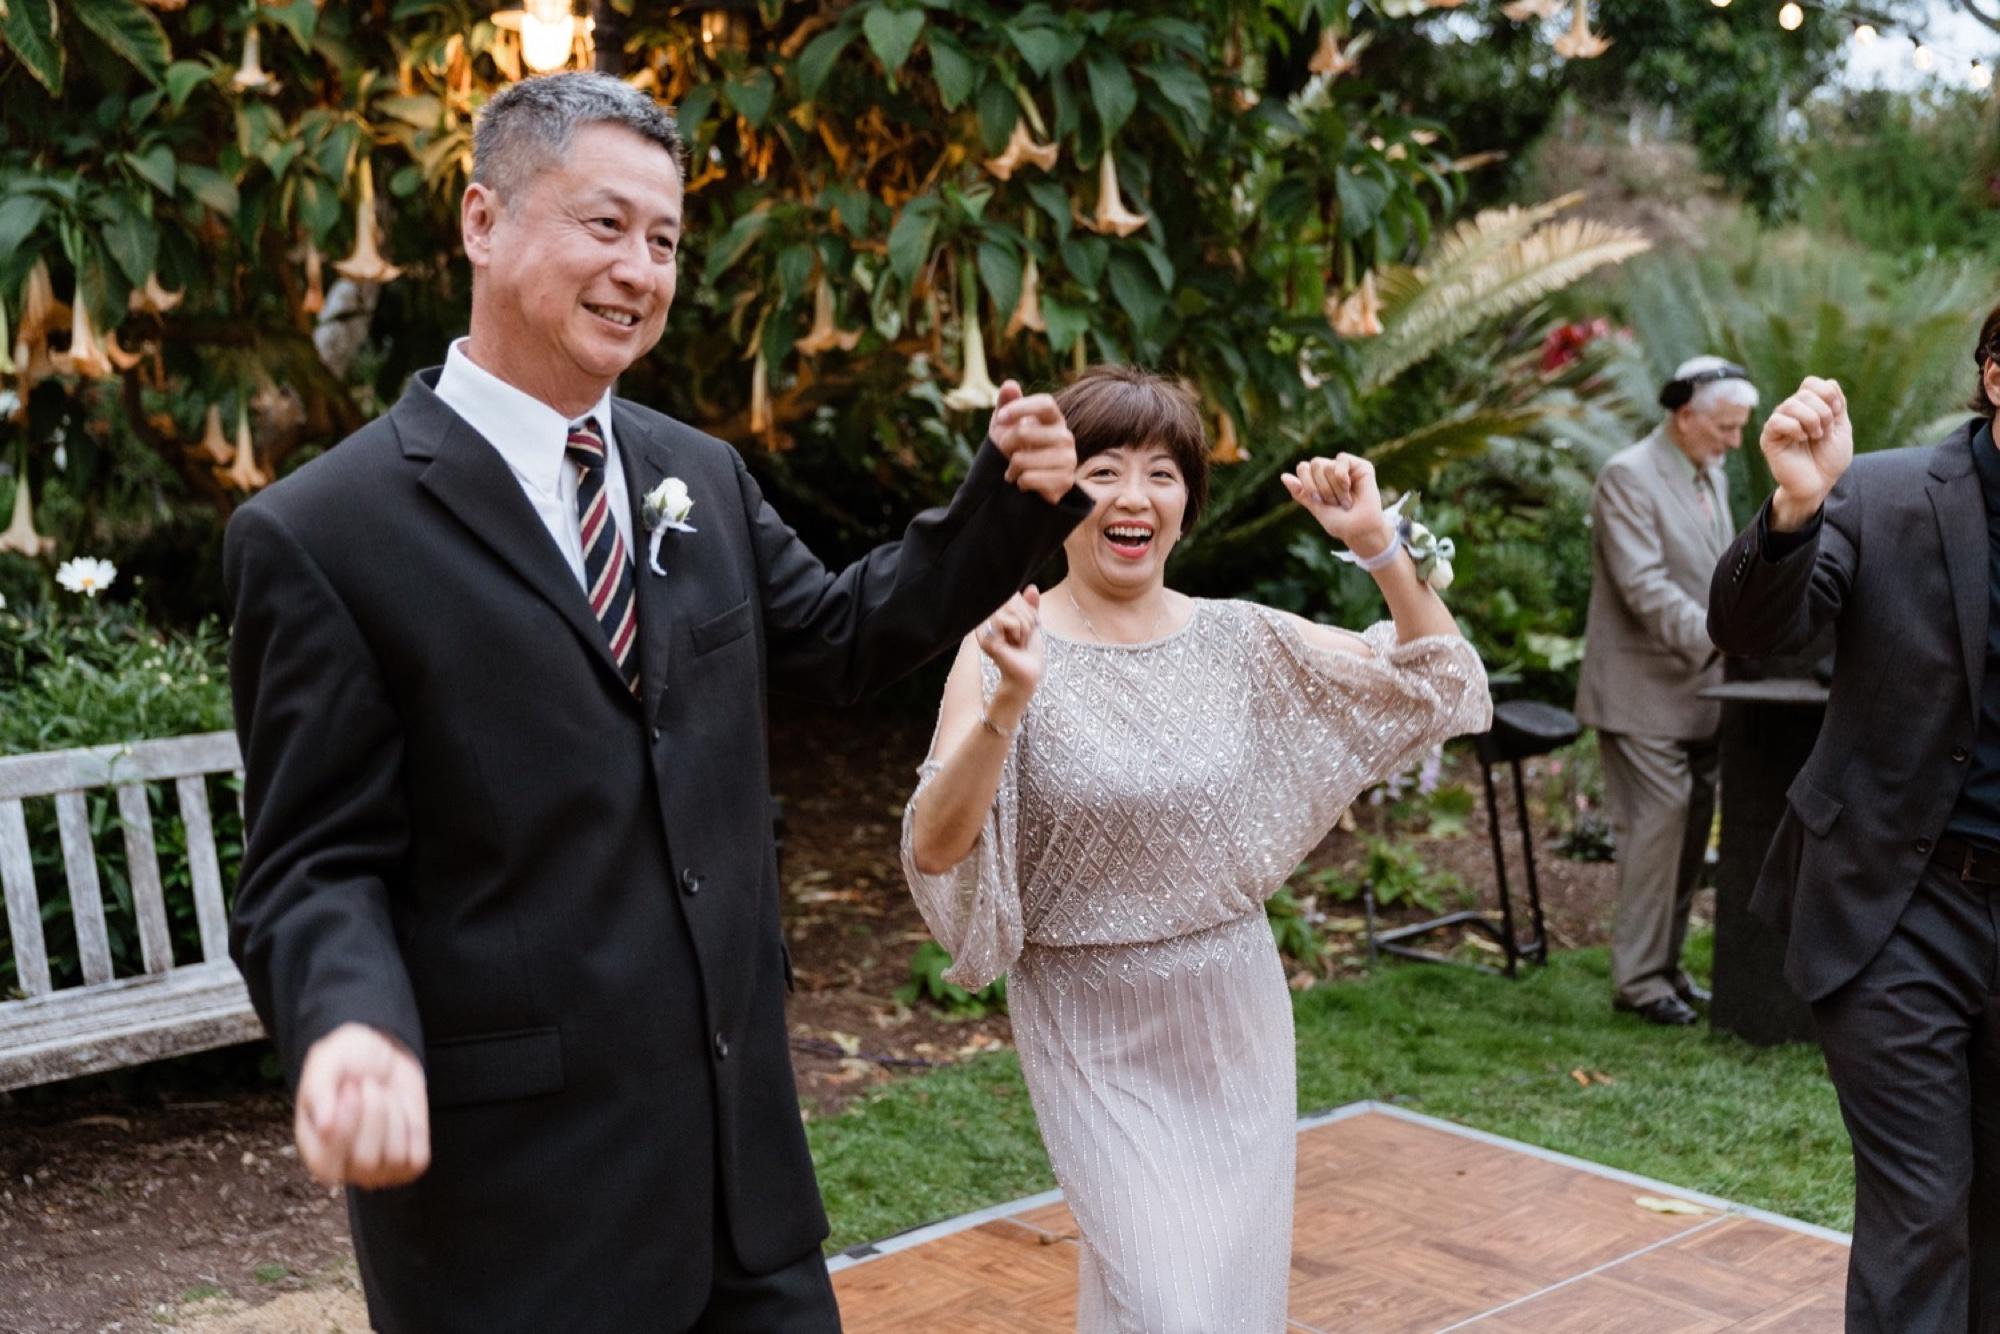 098_Shawna and Steve's Wedding-611.jpg